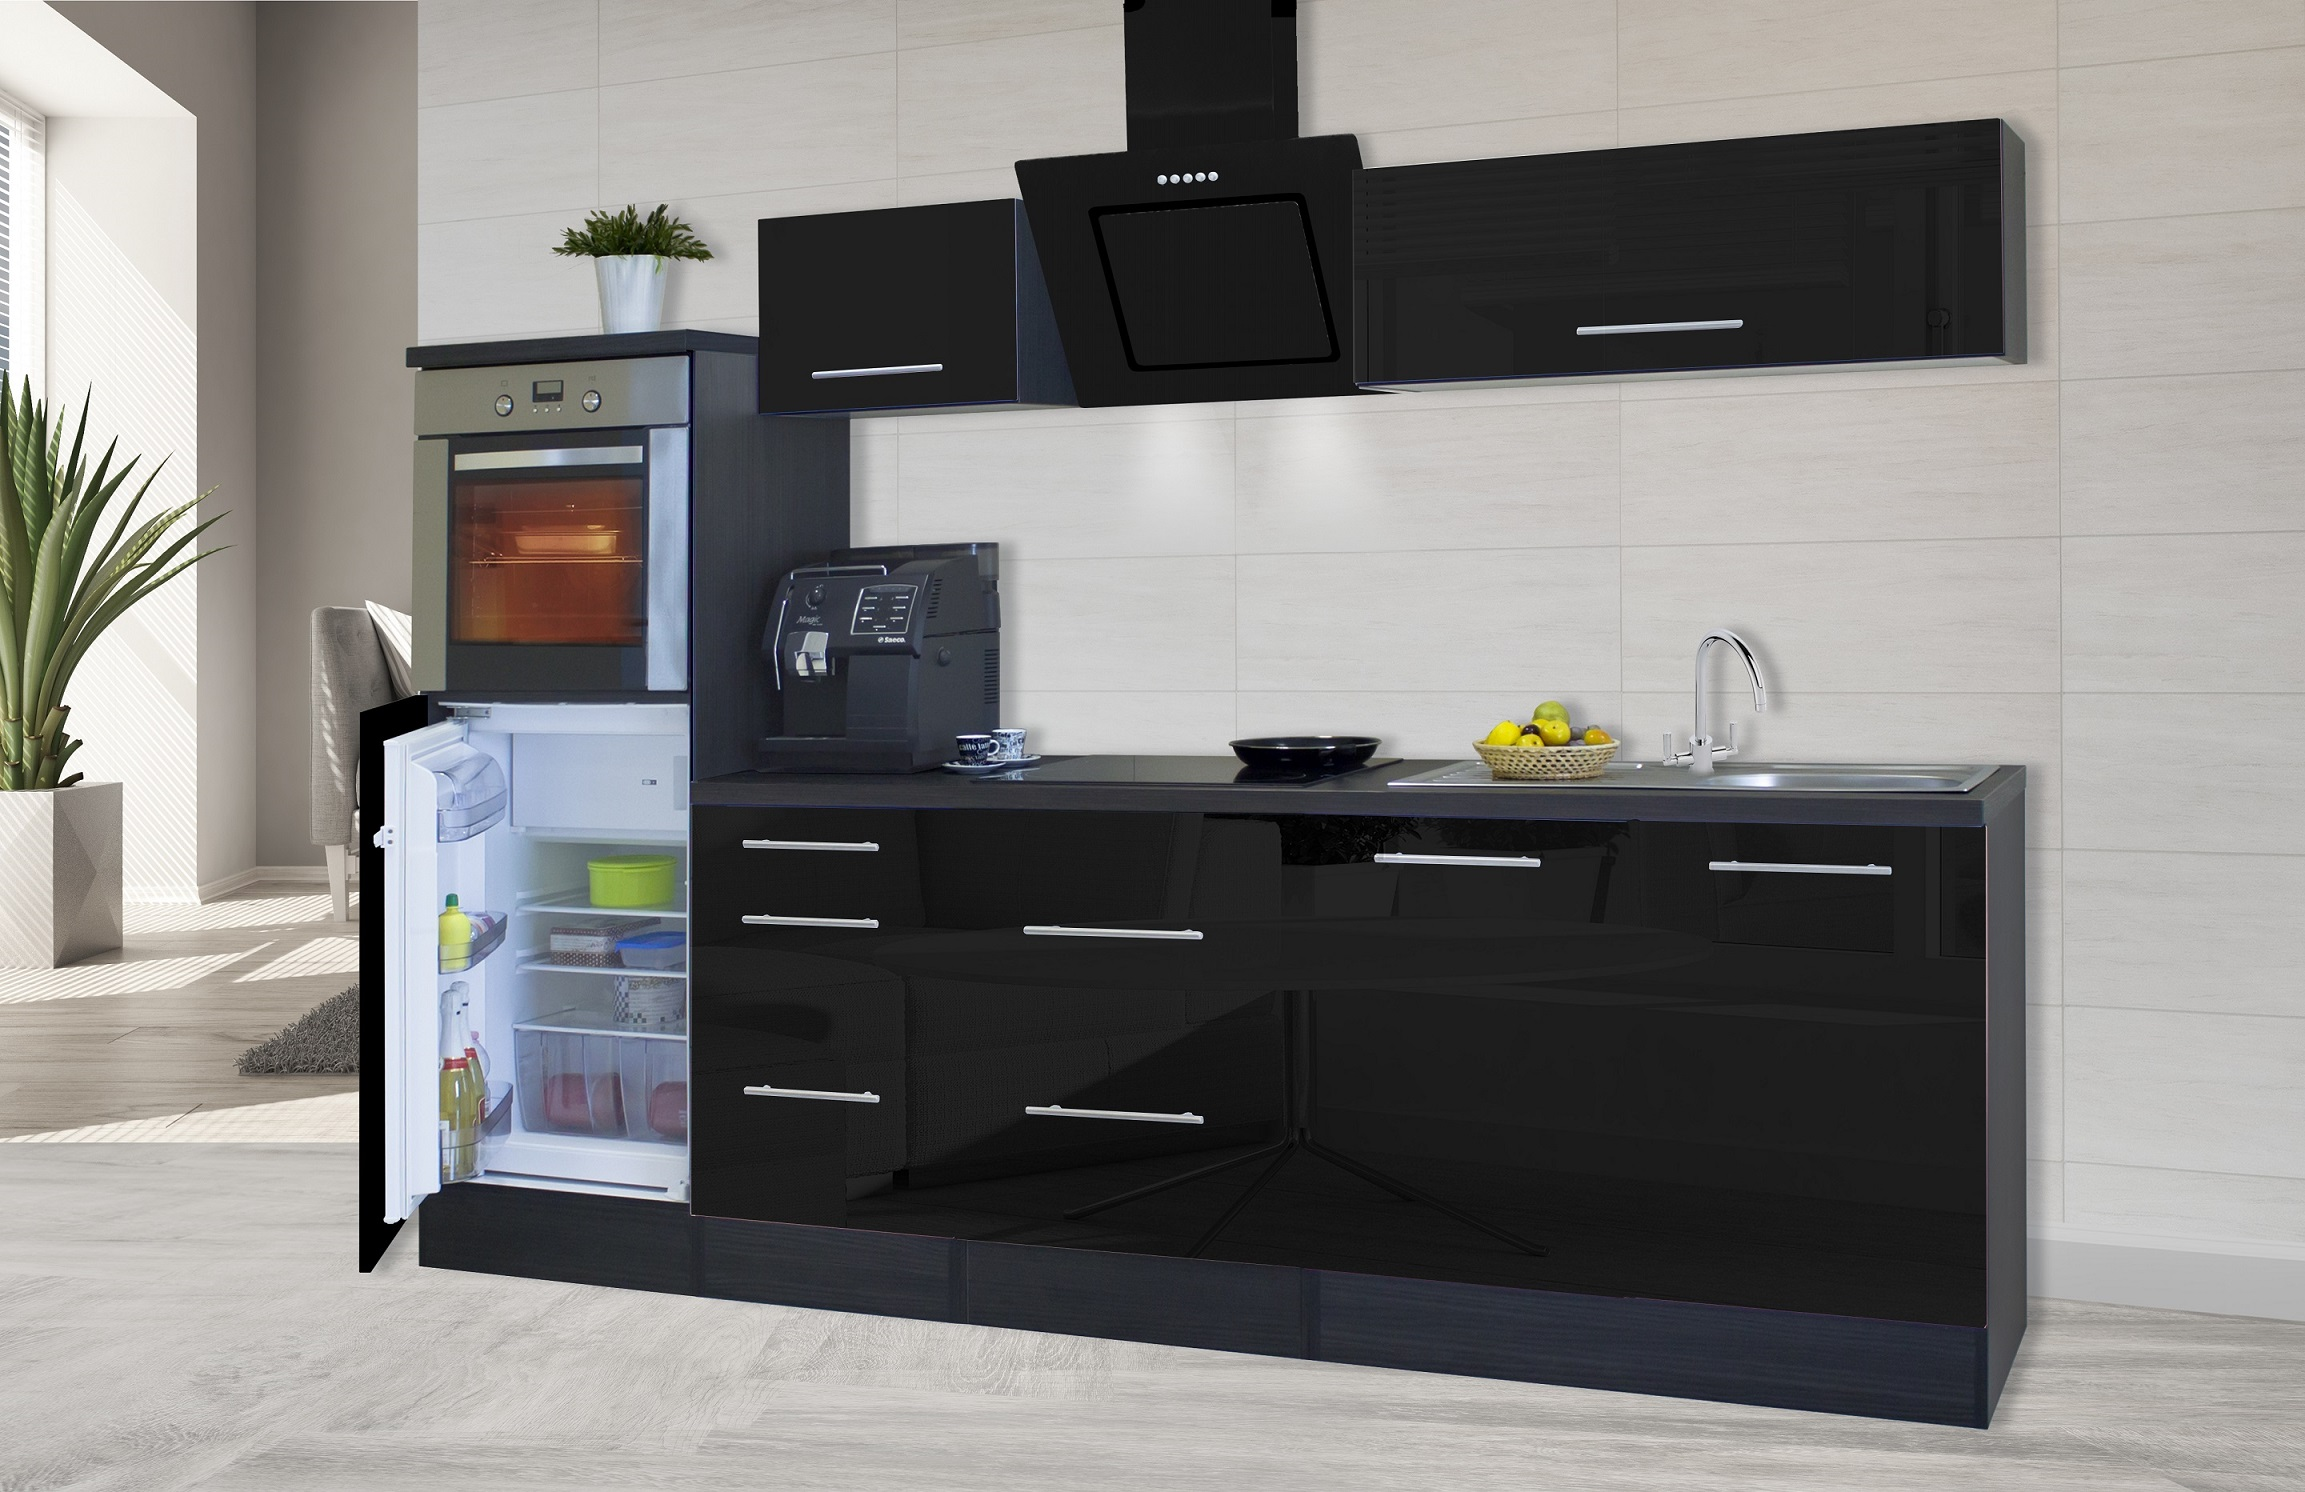 Respekta Premium Cucinino Cucina Blocco Vuoto 270 cm Rovere Grigio ...